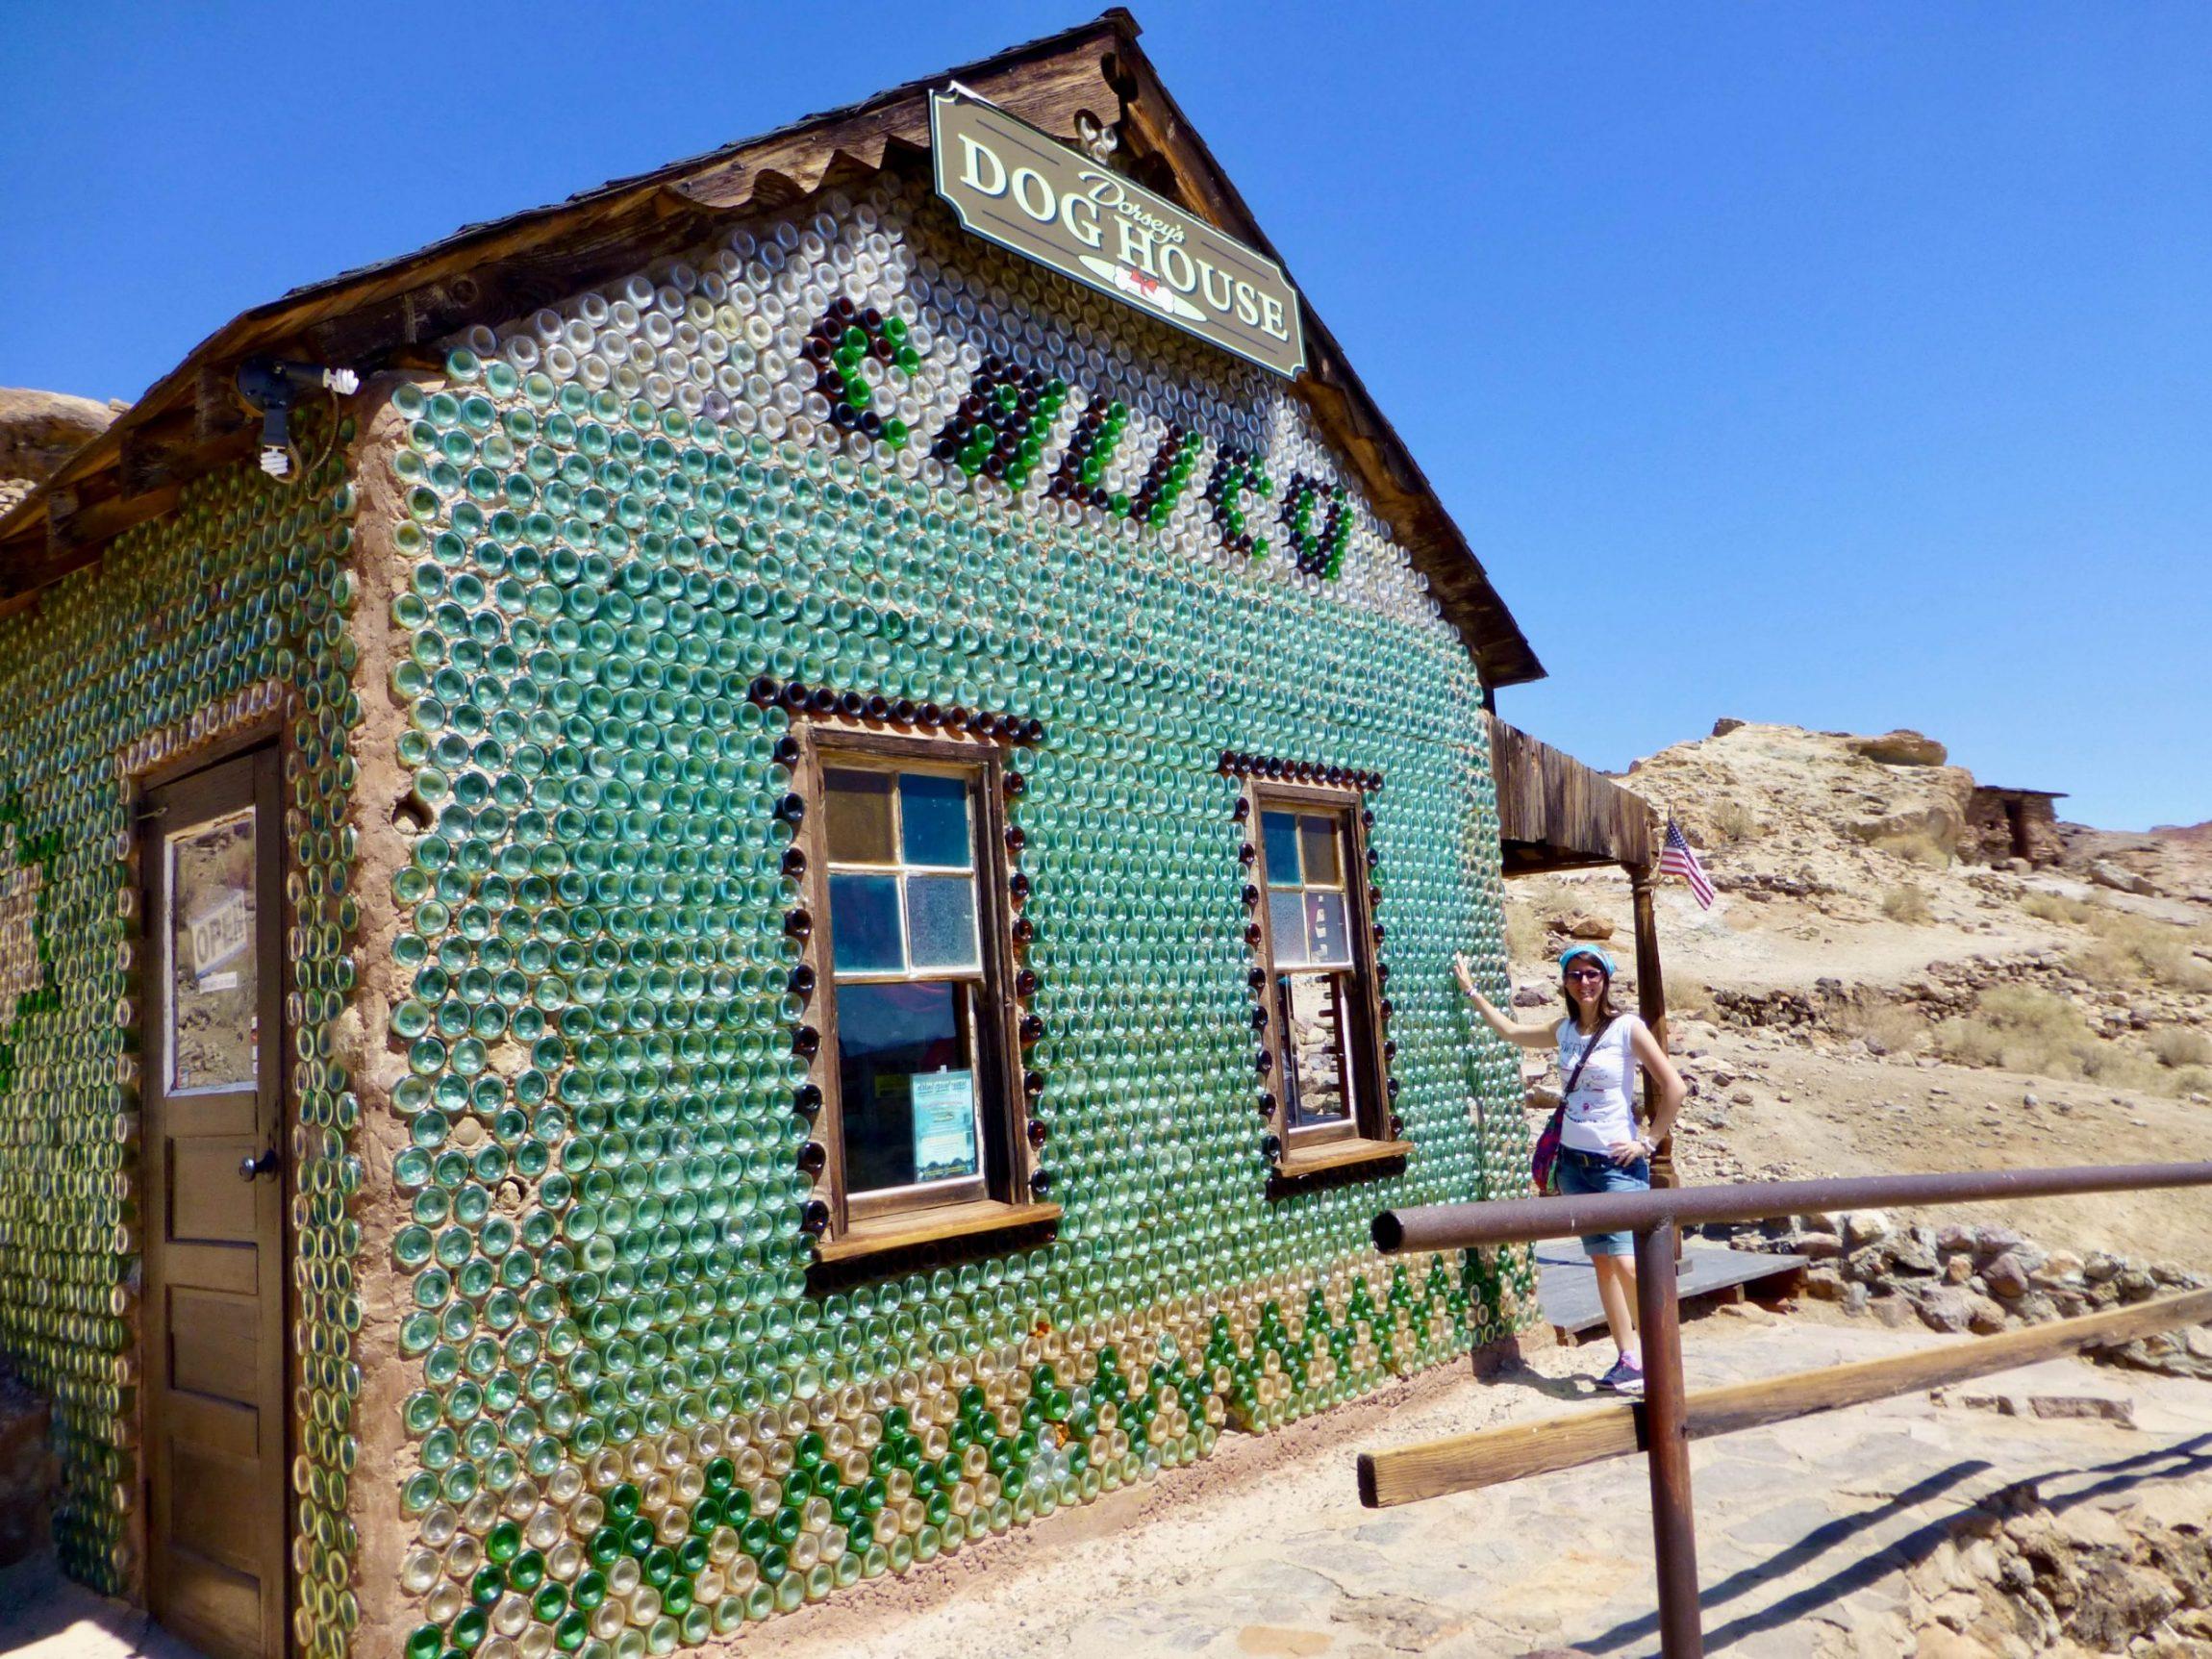 Calico Dog House